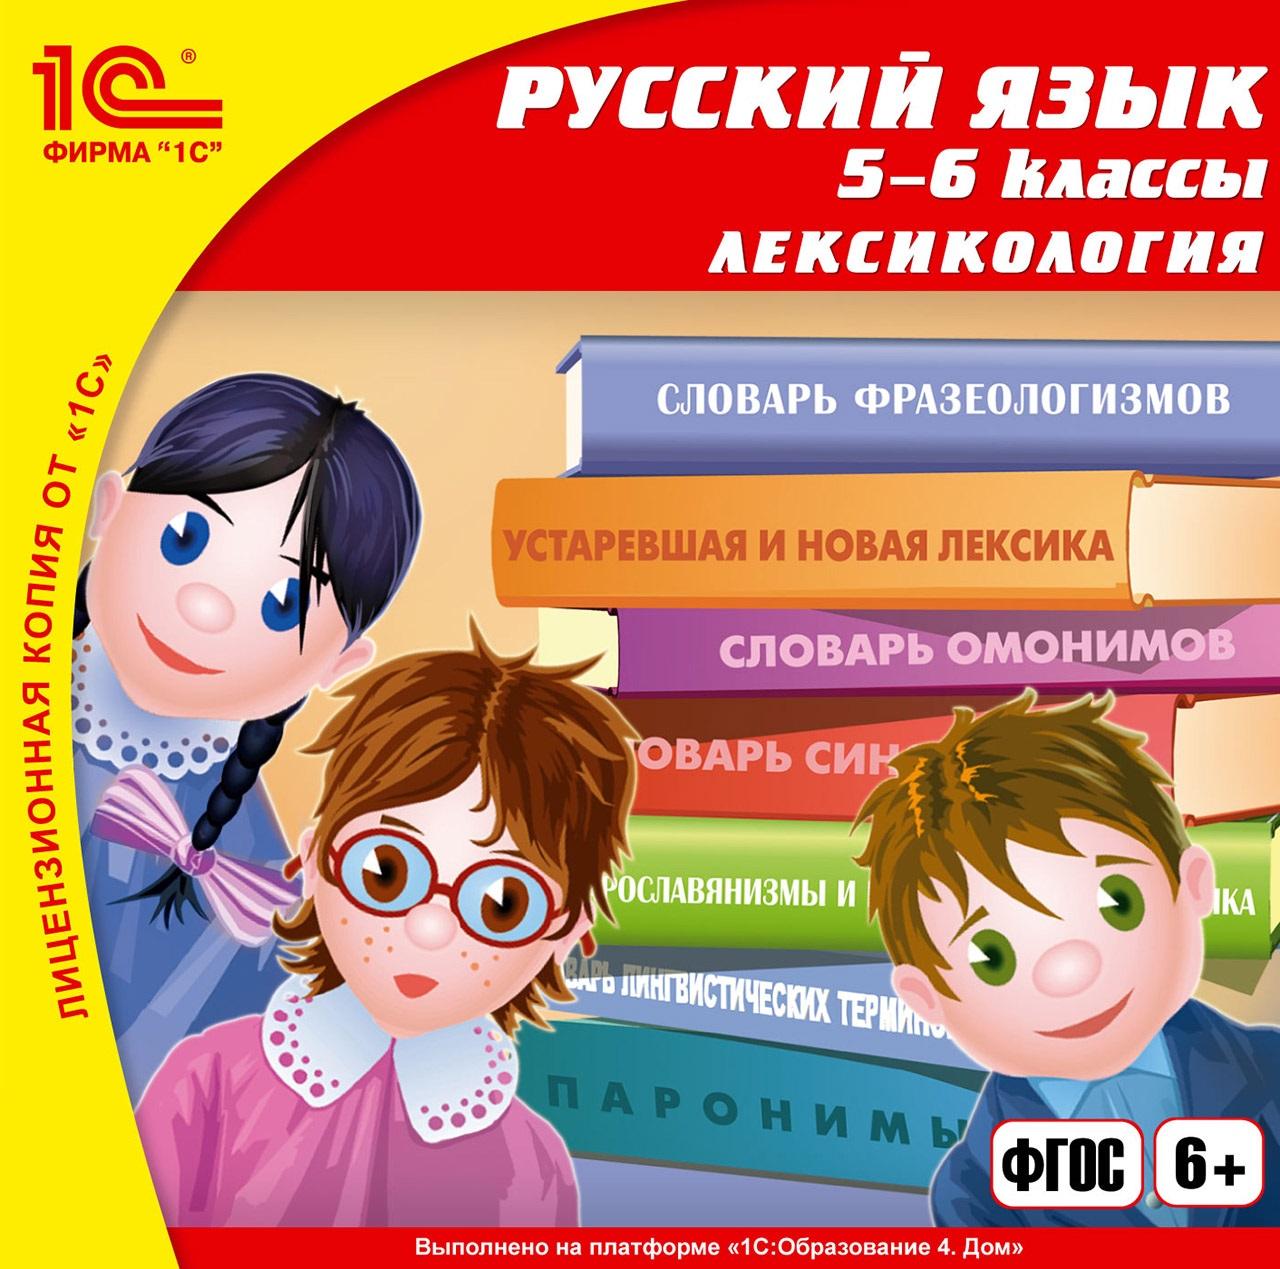 Русский язык. 5-6 класс. Лексикология [Цифровая версия] (Цифровая версия) математика 5 класс цифровая версия